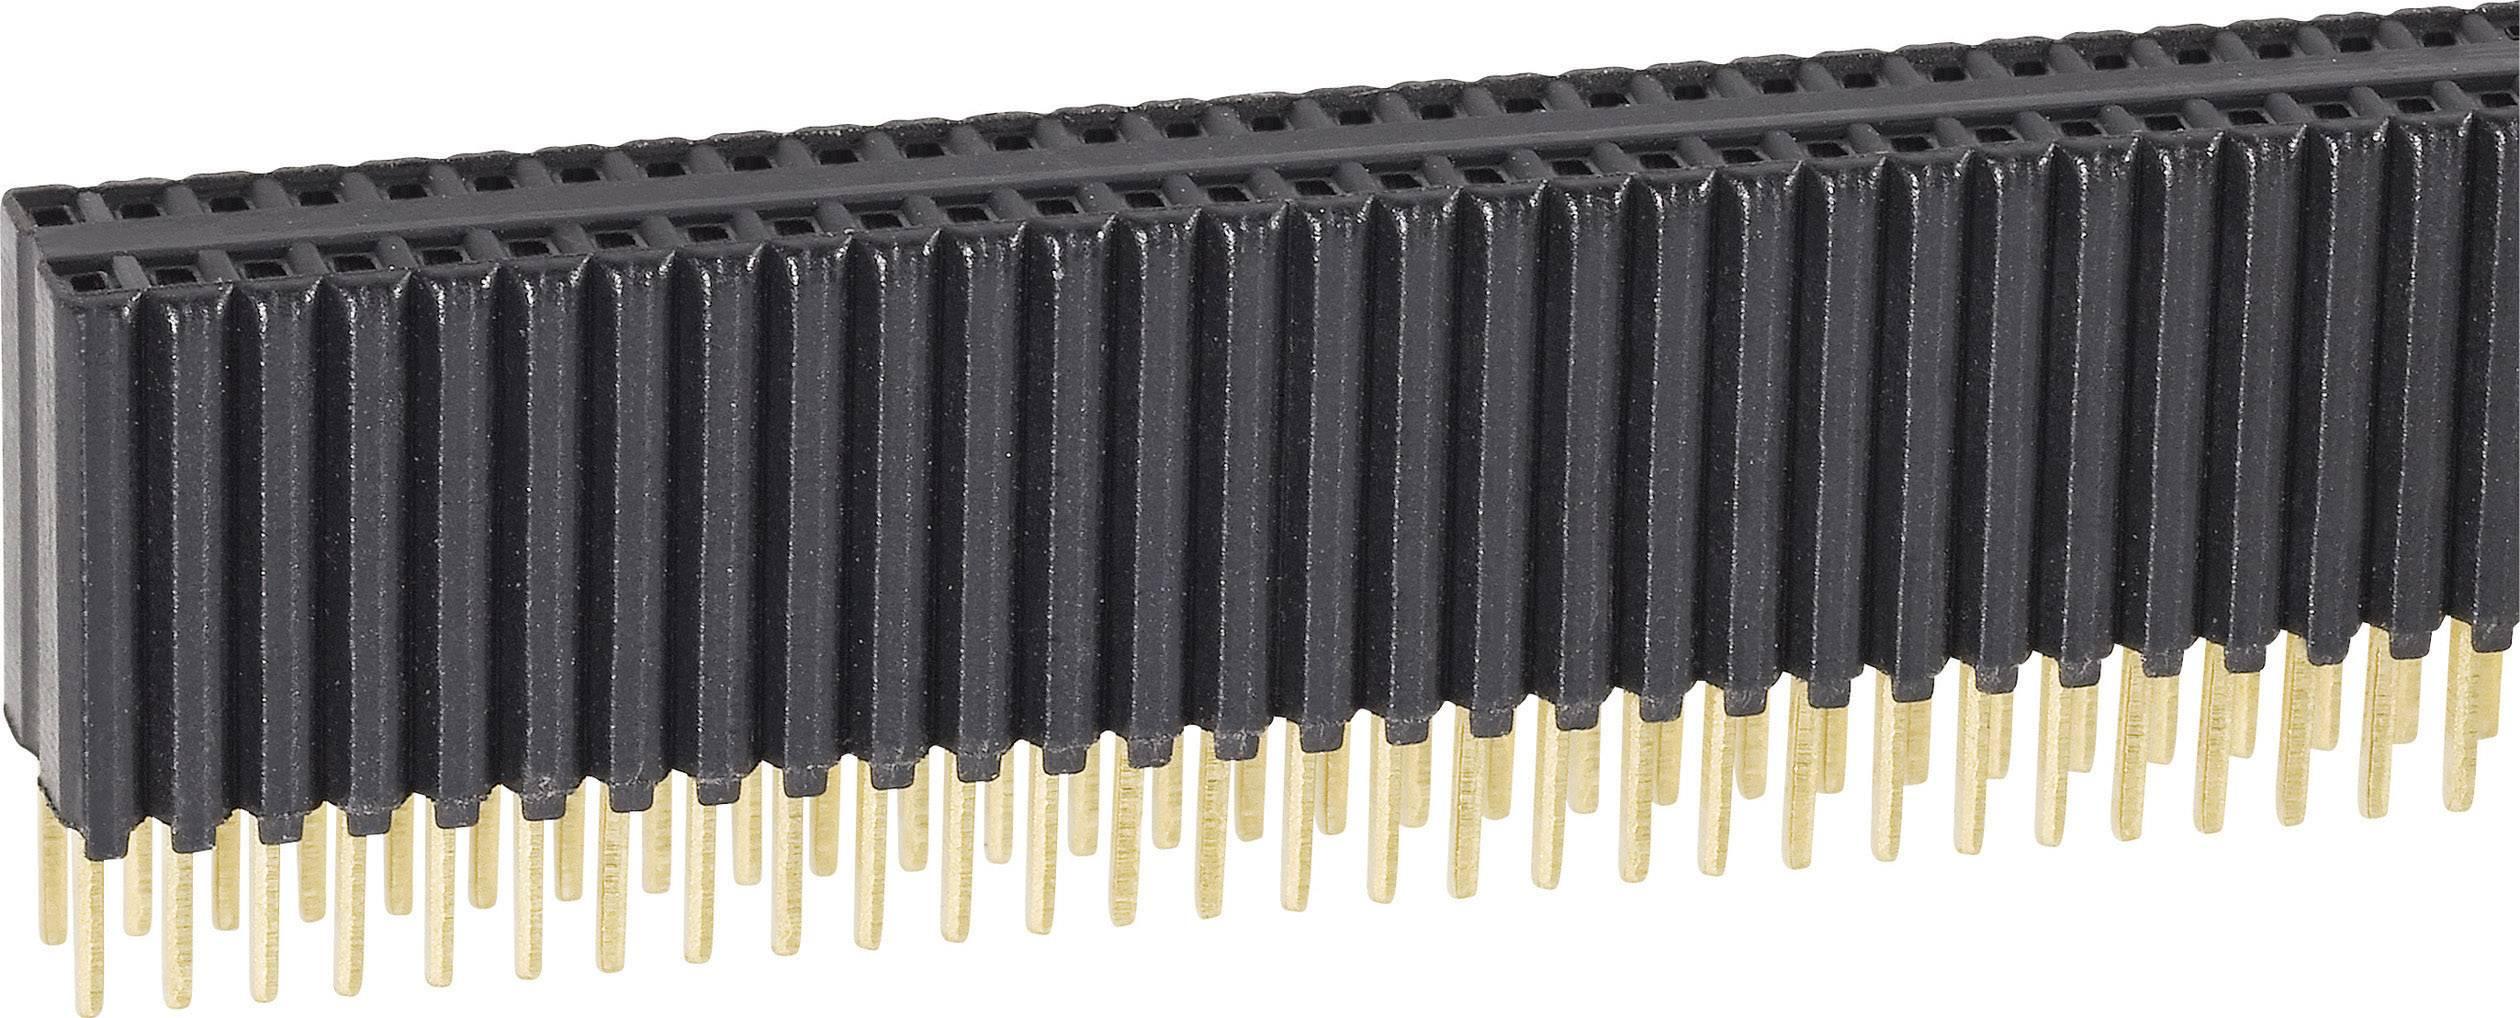 Zásuvková lišta vyšší kvality Fischer Elektronik BLM KG 2/ 72/G, řádky 2, kontakty na řádek 36, 1 ks